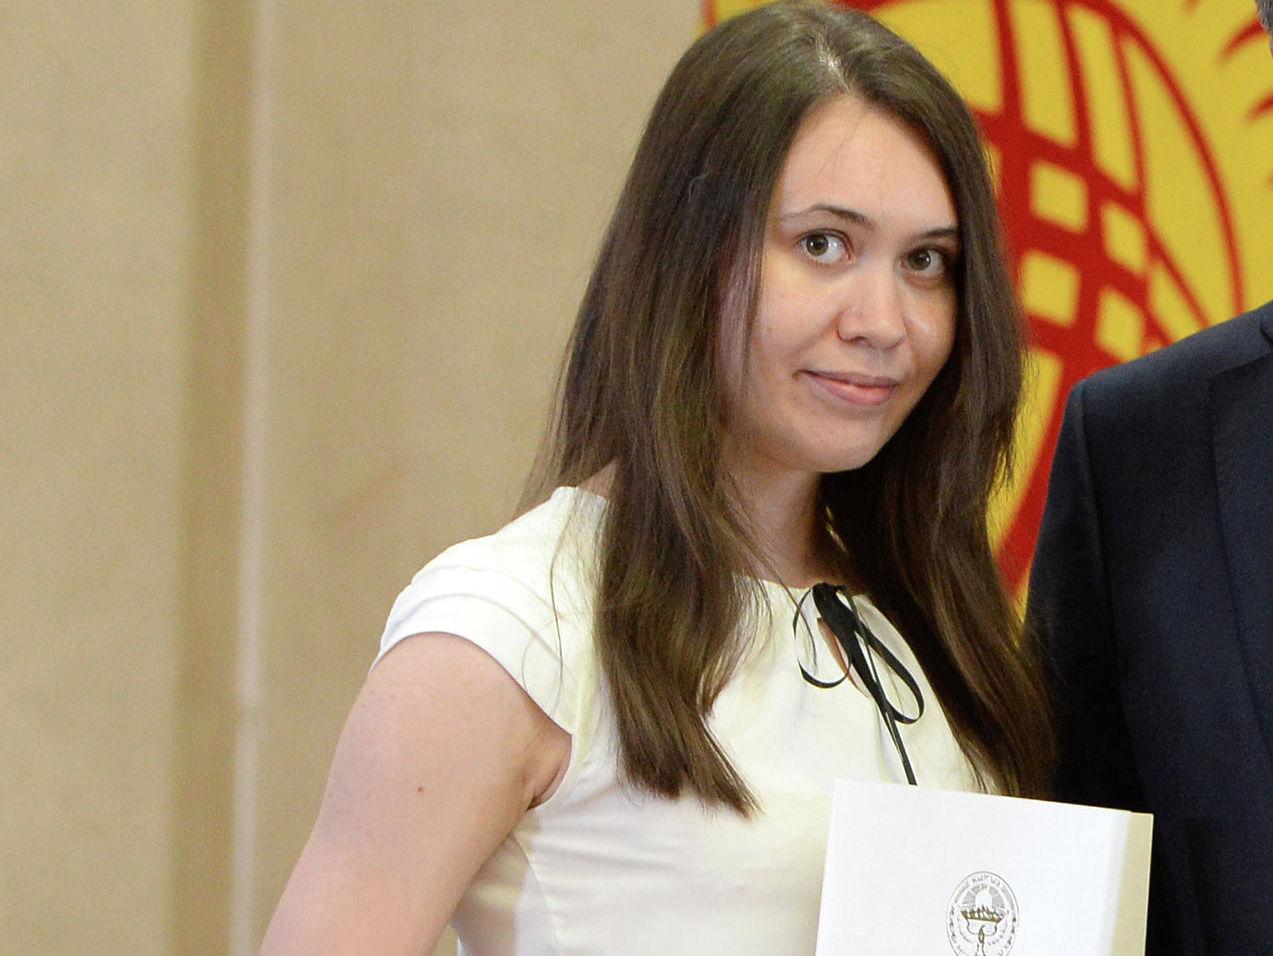 Выпускница учебно-воспитательного комплекса № 38 Анастасия Чичкова